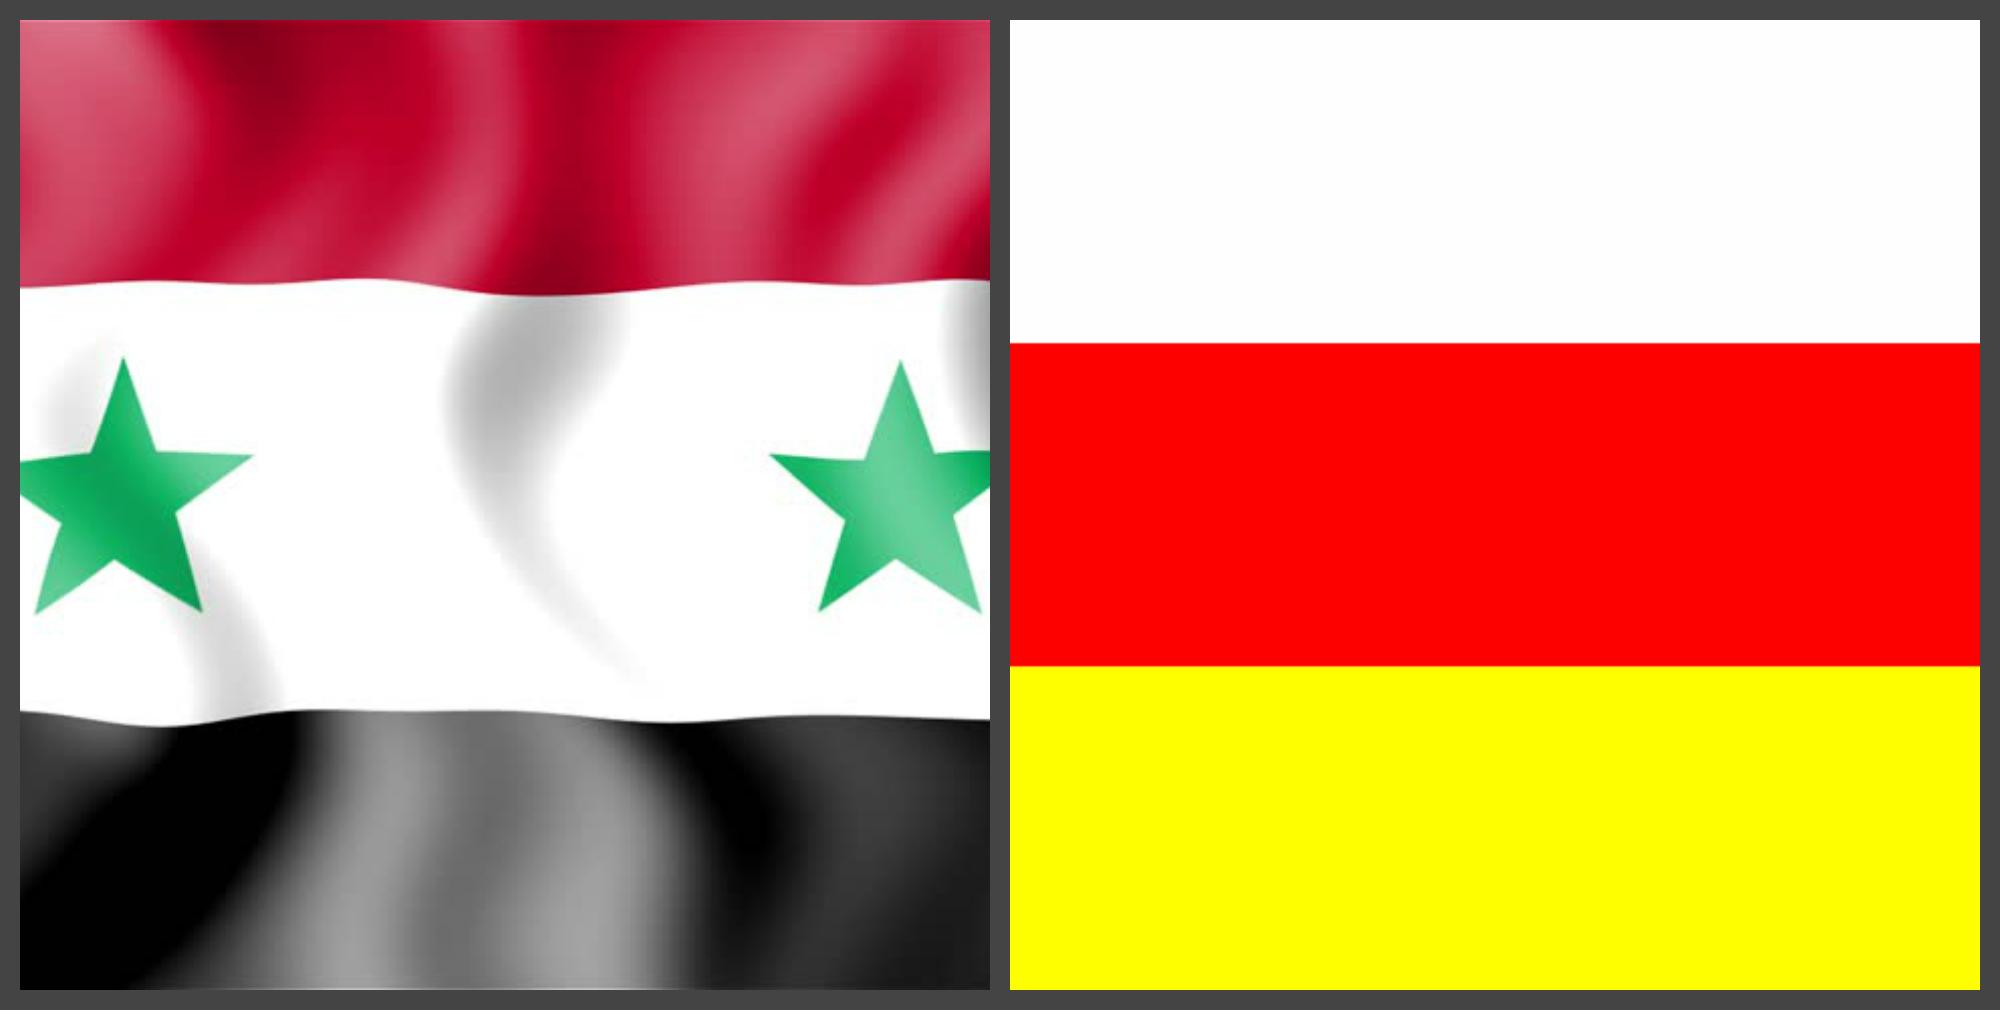 Информационное сообщение Посольства о взаимном признании и установлении дипломатических отношений между Южной Осетией и Сирией